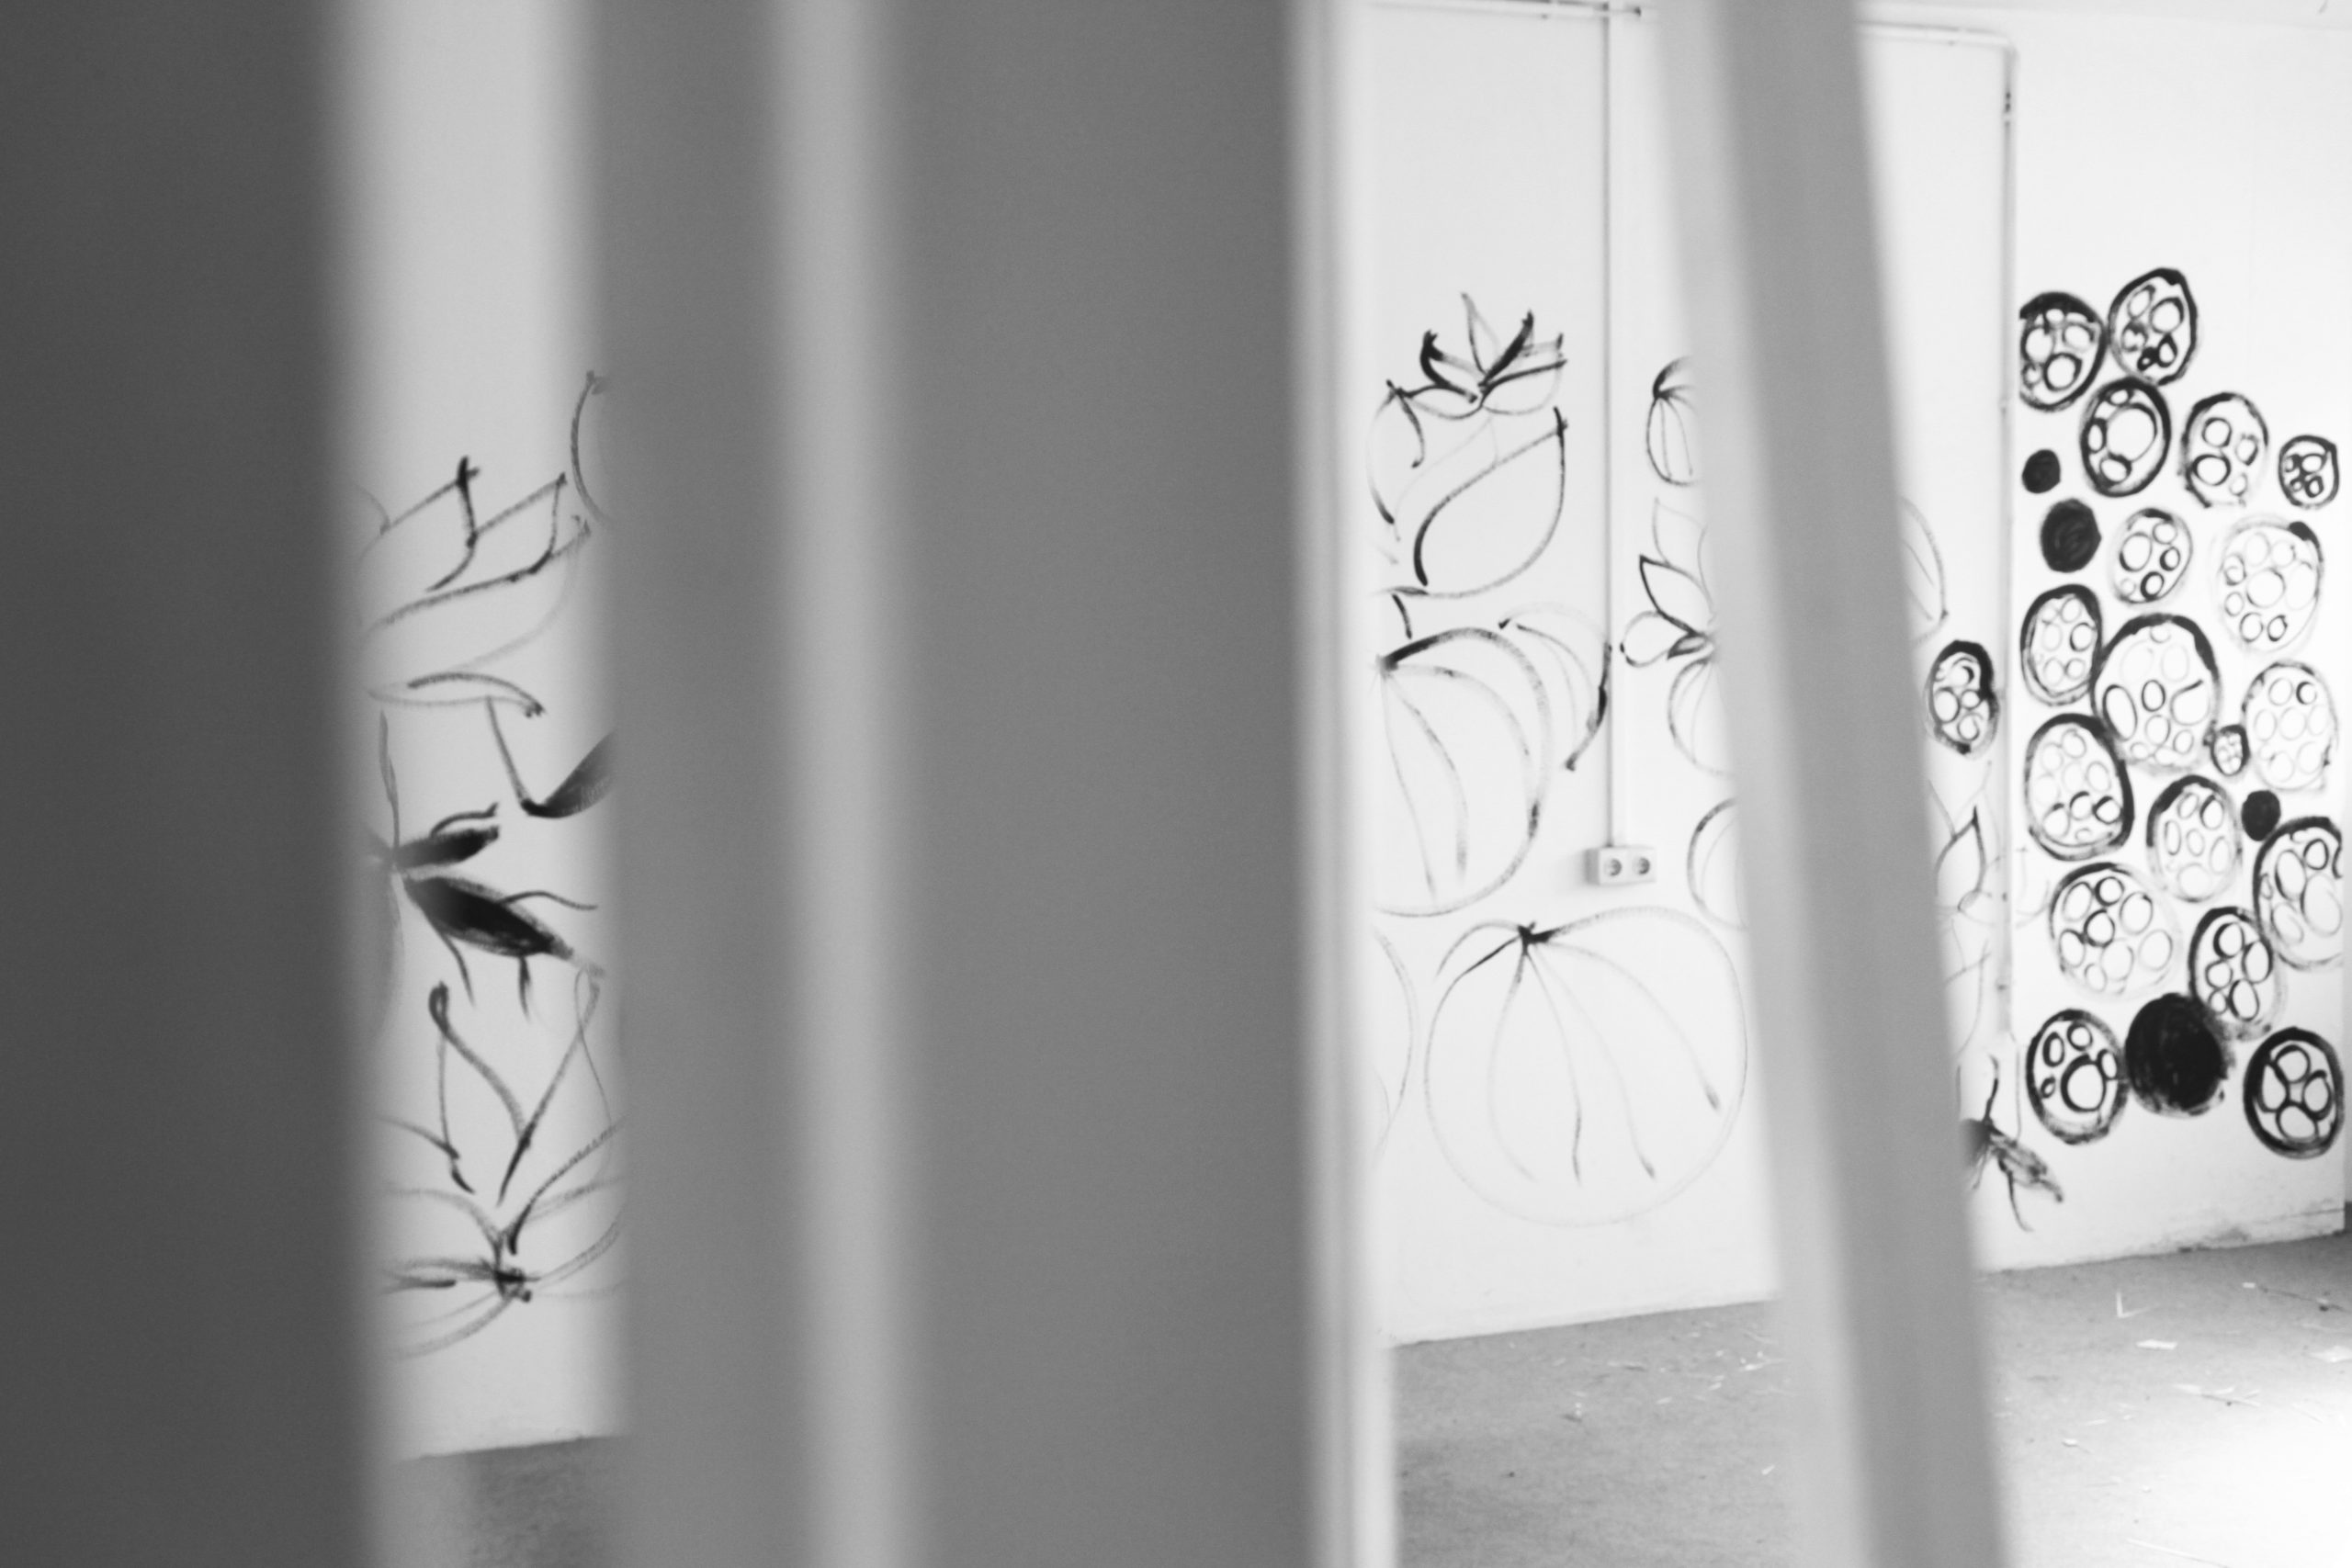 der Blick durch eine Tür hindurch zeigt einen weißen Raum, dessen Wände mit schwarzen floralen Formen bemalt sind | the view through a door shows a white room with walls painted with black floral shapes